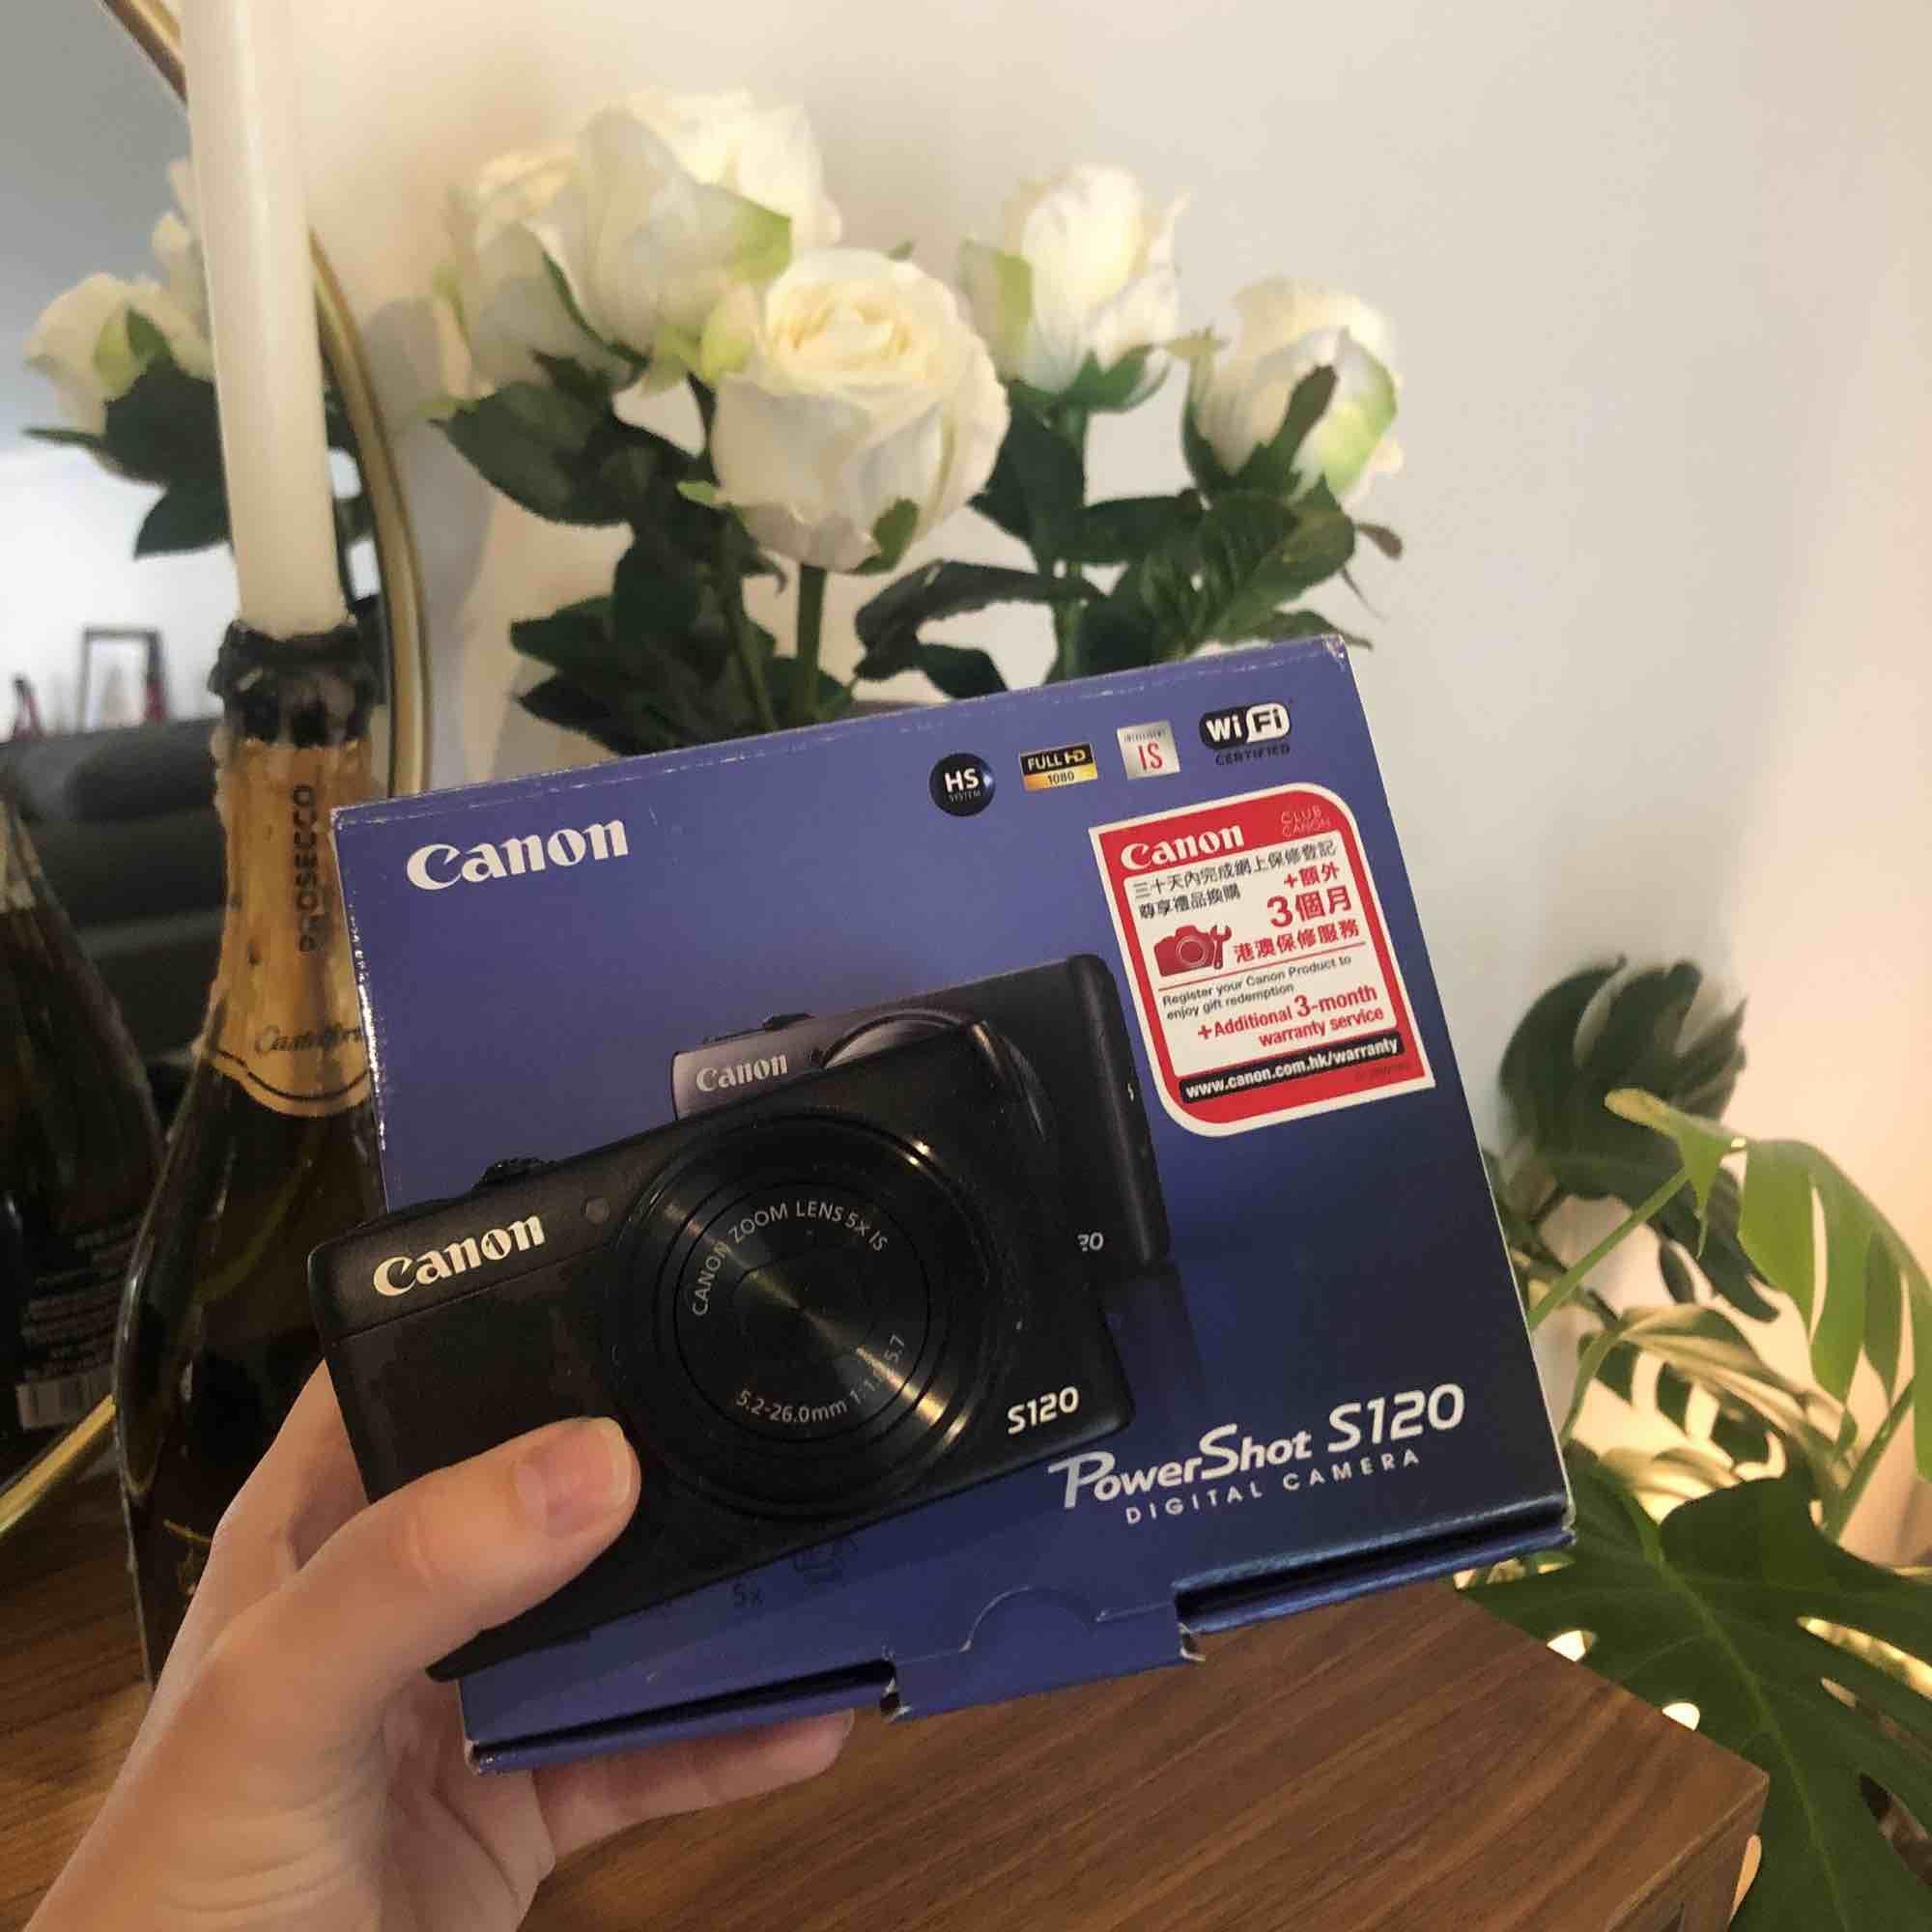 Kamera i perfekt skick, nypris: 3000:-. Kan skicka exempelbilder i dm. 🌞 Säljer då jag inte längre har intresset. Övrigt.